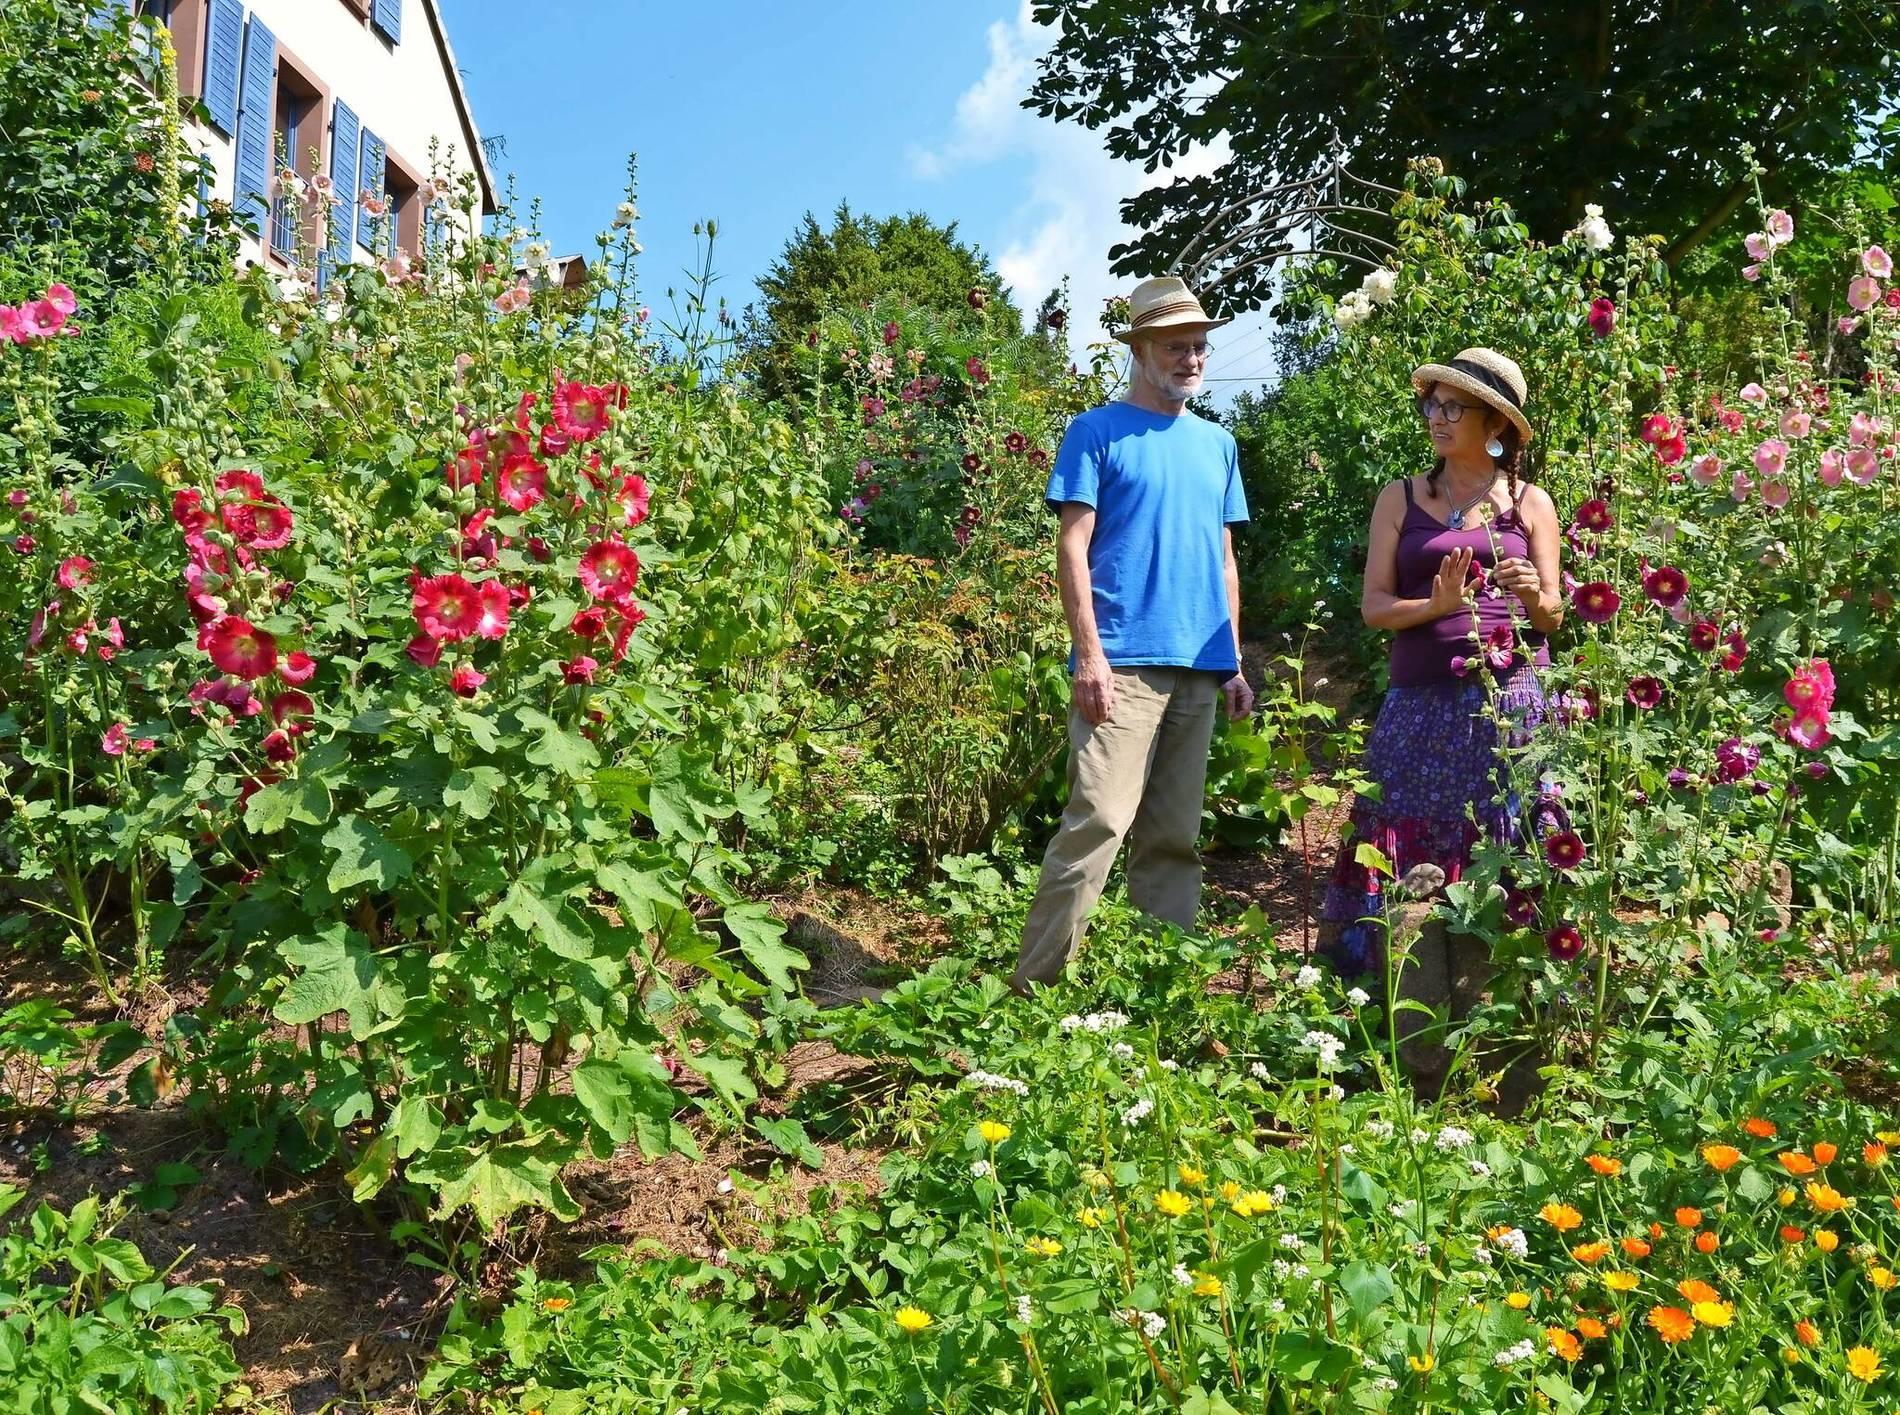 Mein schöner Garten: Sommerfreude mit Stockrosen